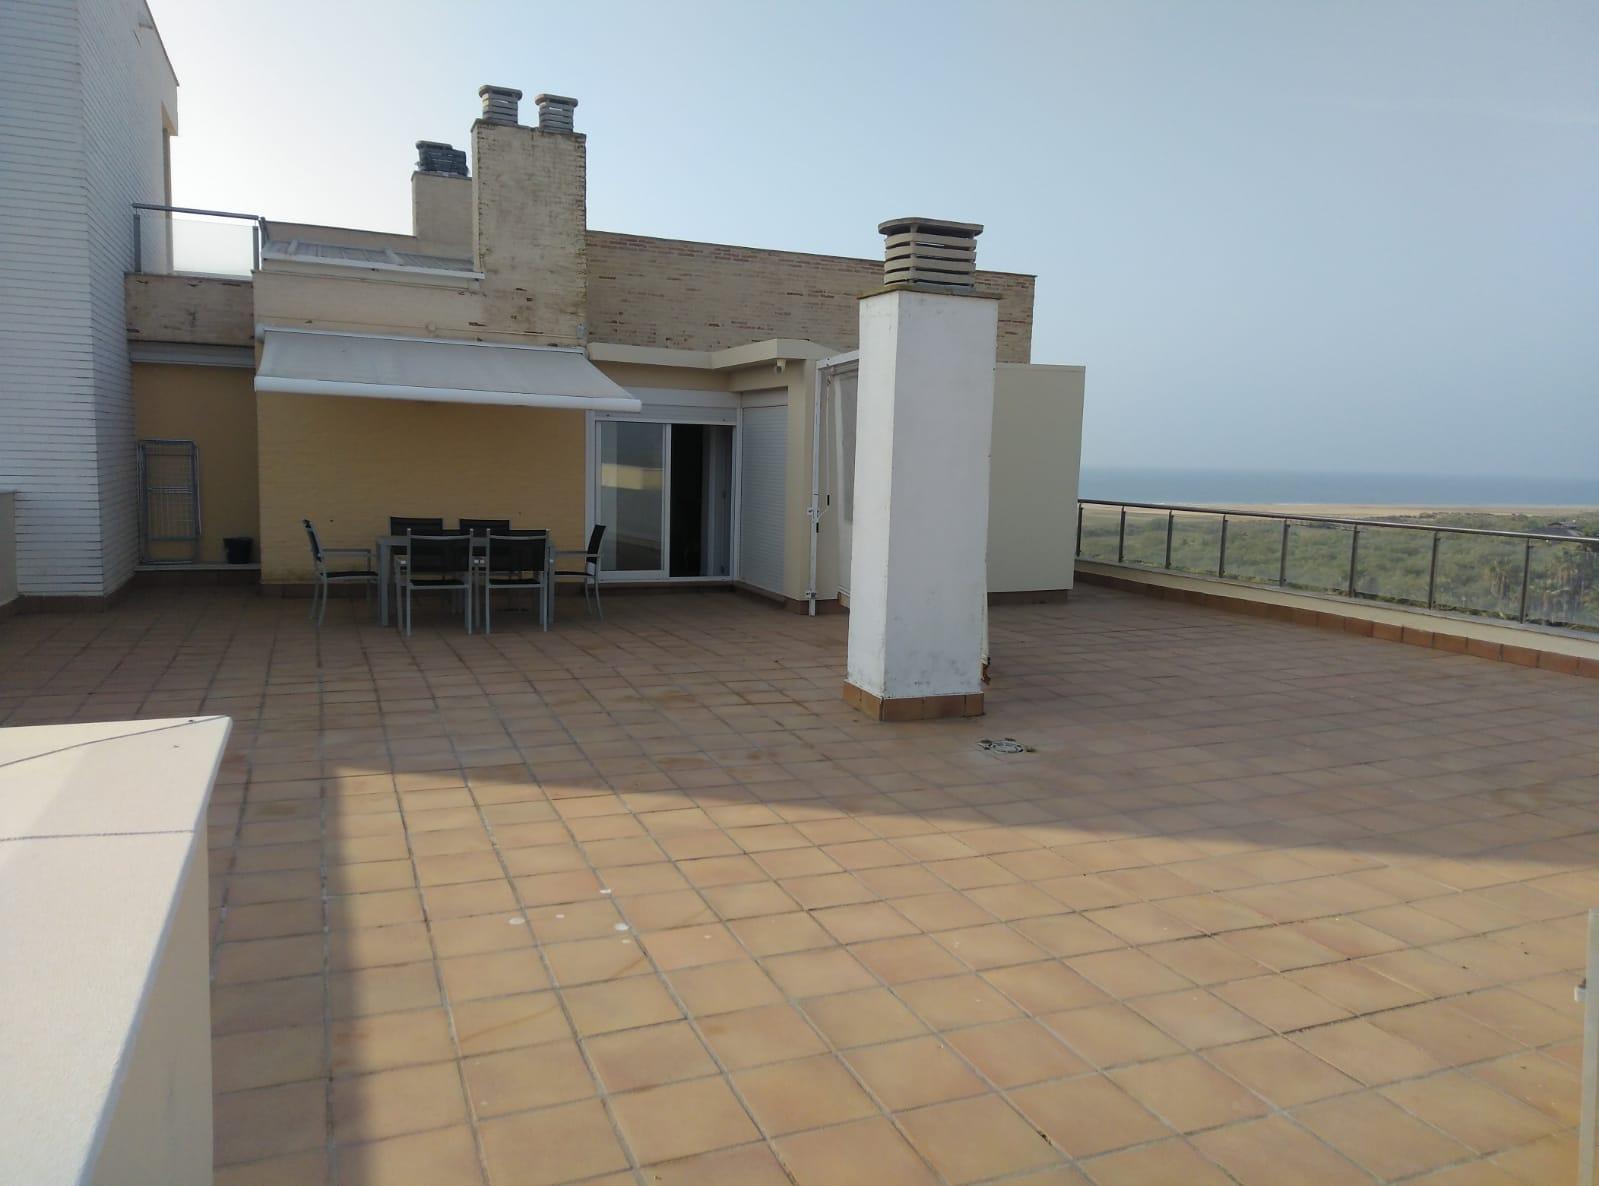 Imagen 29 del Apartamento Turístico, Ático 8 Poniente (3d+2b), Punta del Moral (HUELVA), Paseo de la Cruz nº22